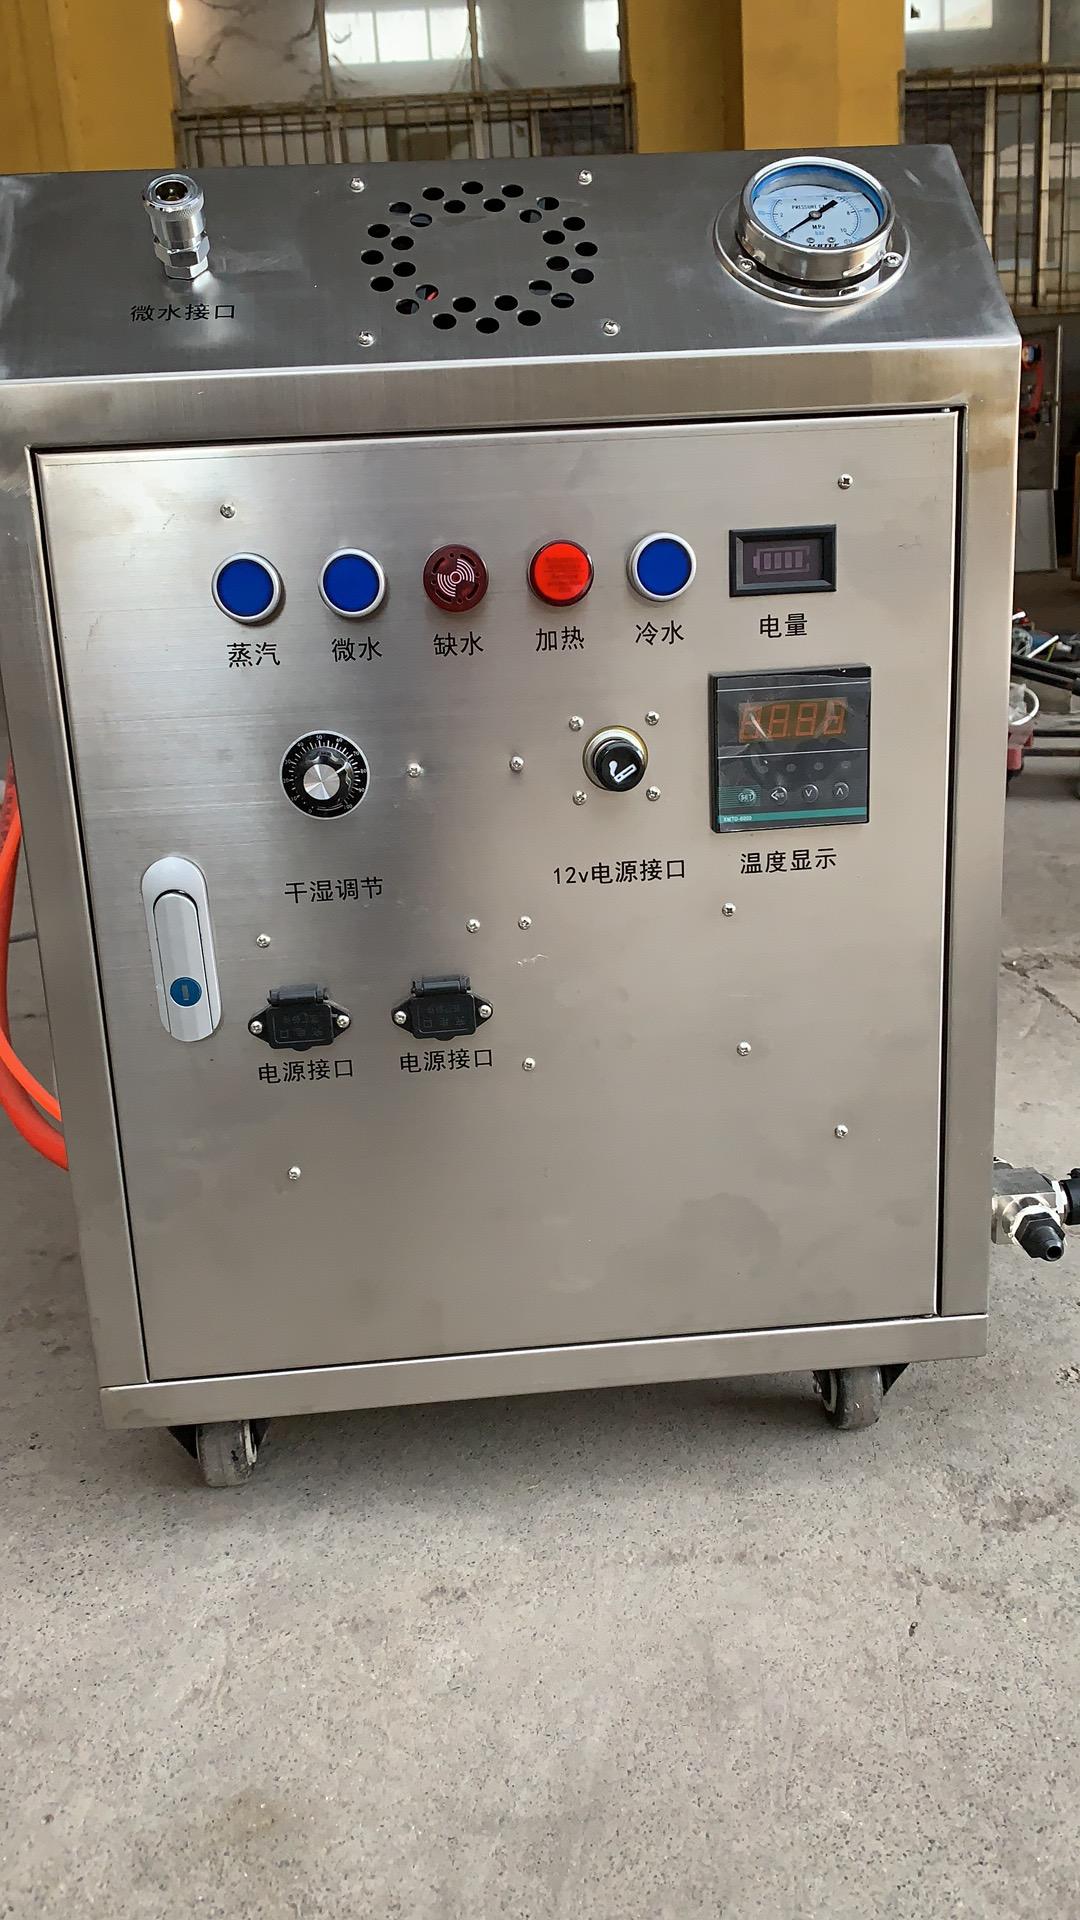 沐鸣2平台资讯蒸汽洗车机清洗汽车发动机有哪些方面的优势和注意事项呢